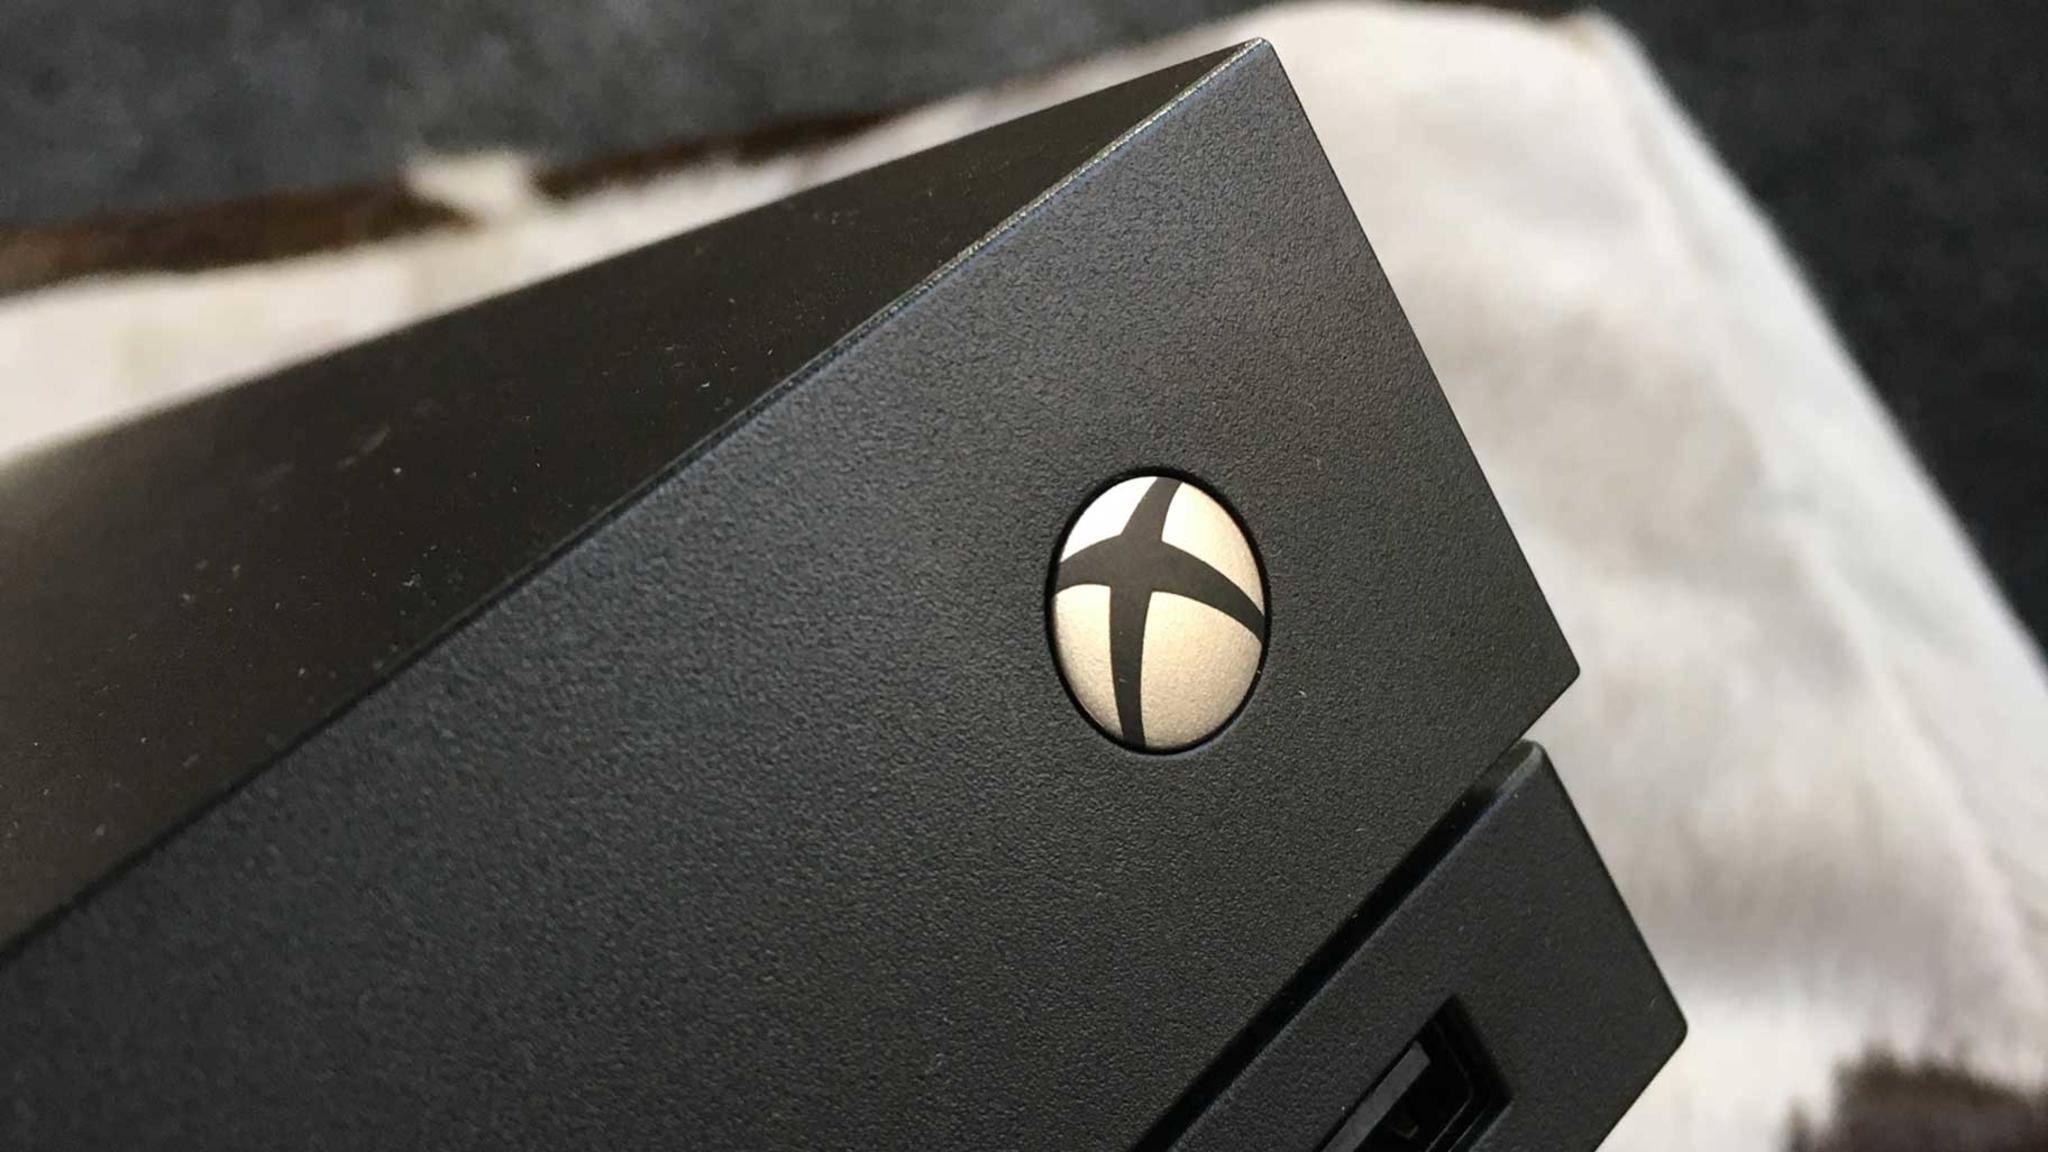 Kommt die Xbox Scarlett in zwei Versionen?